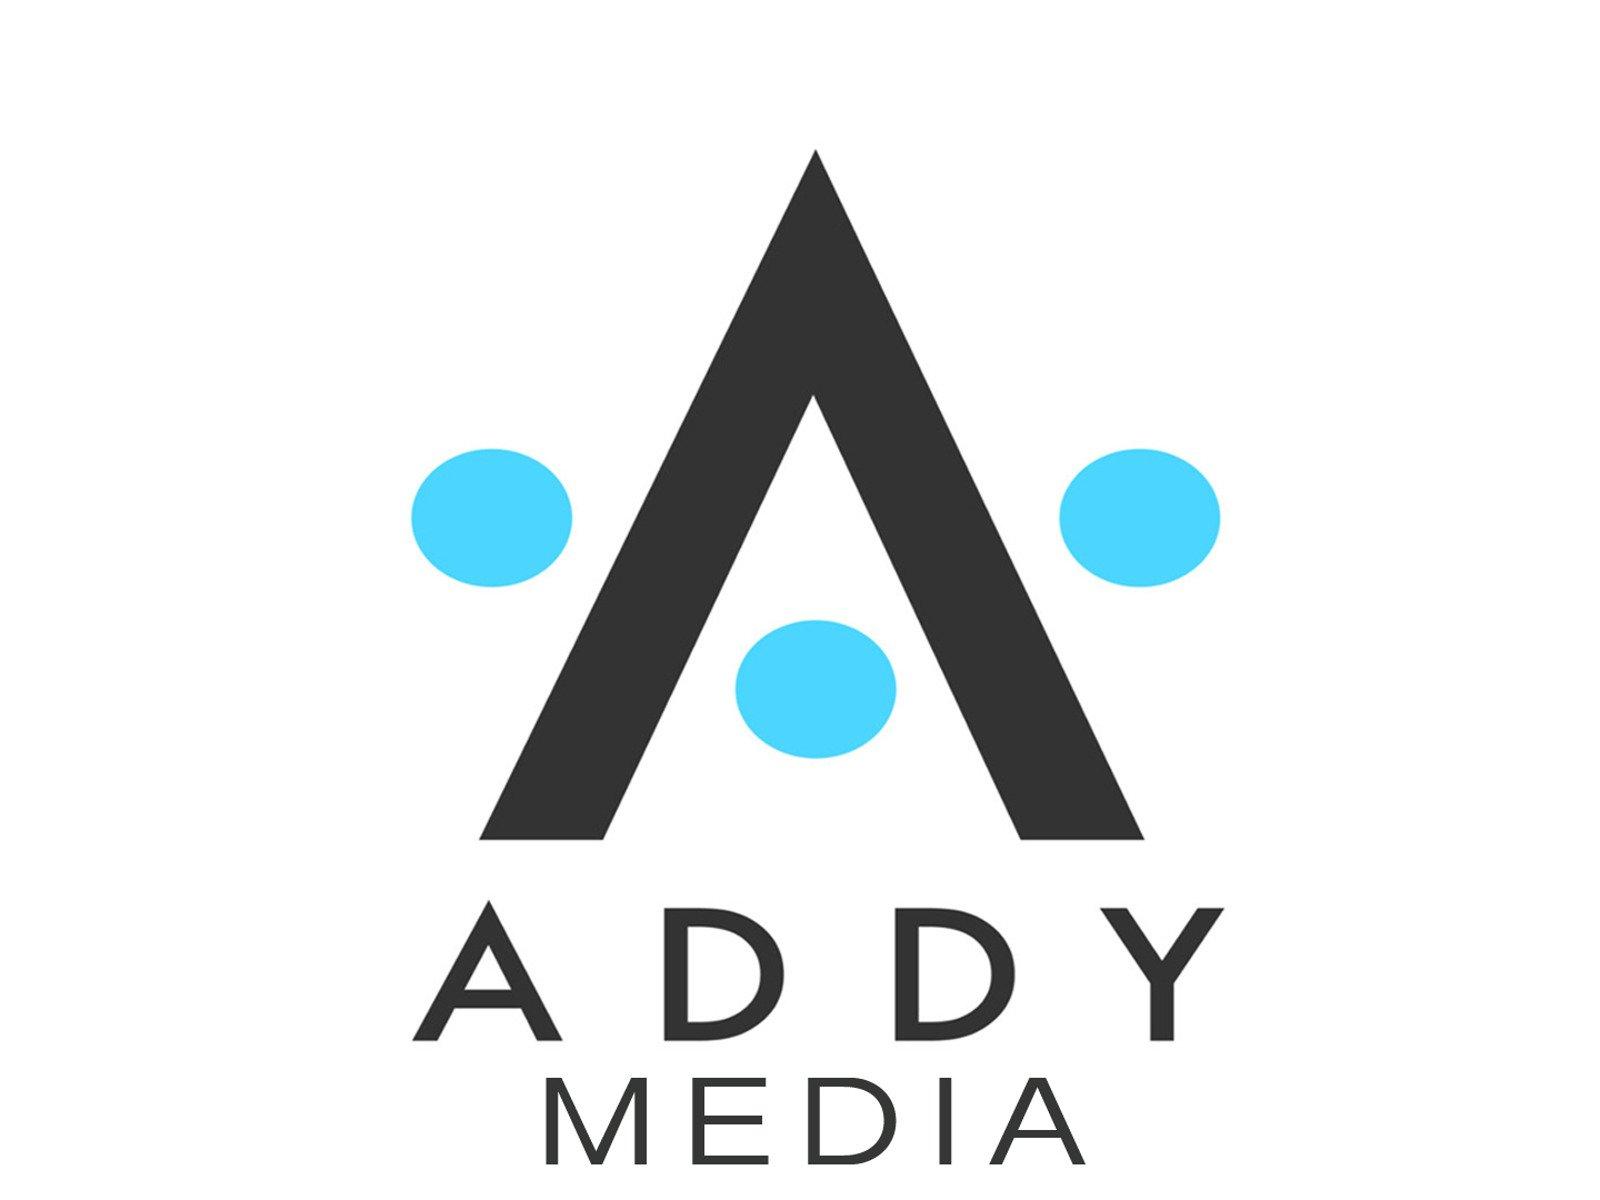 Addy Media - Season 1